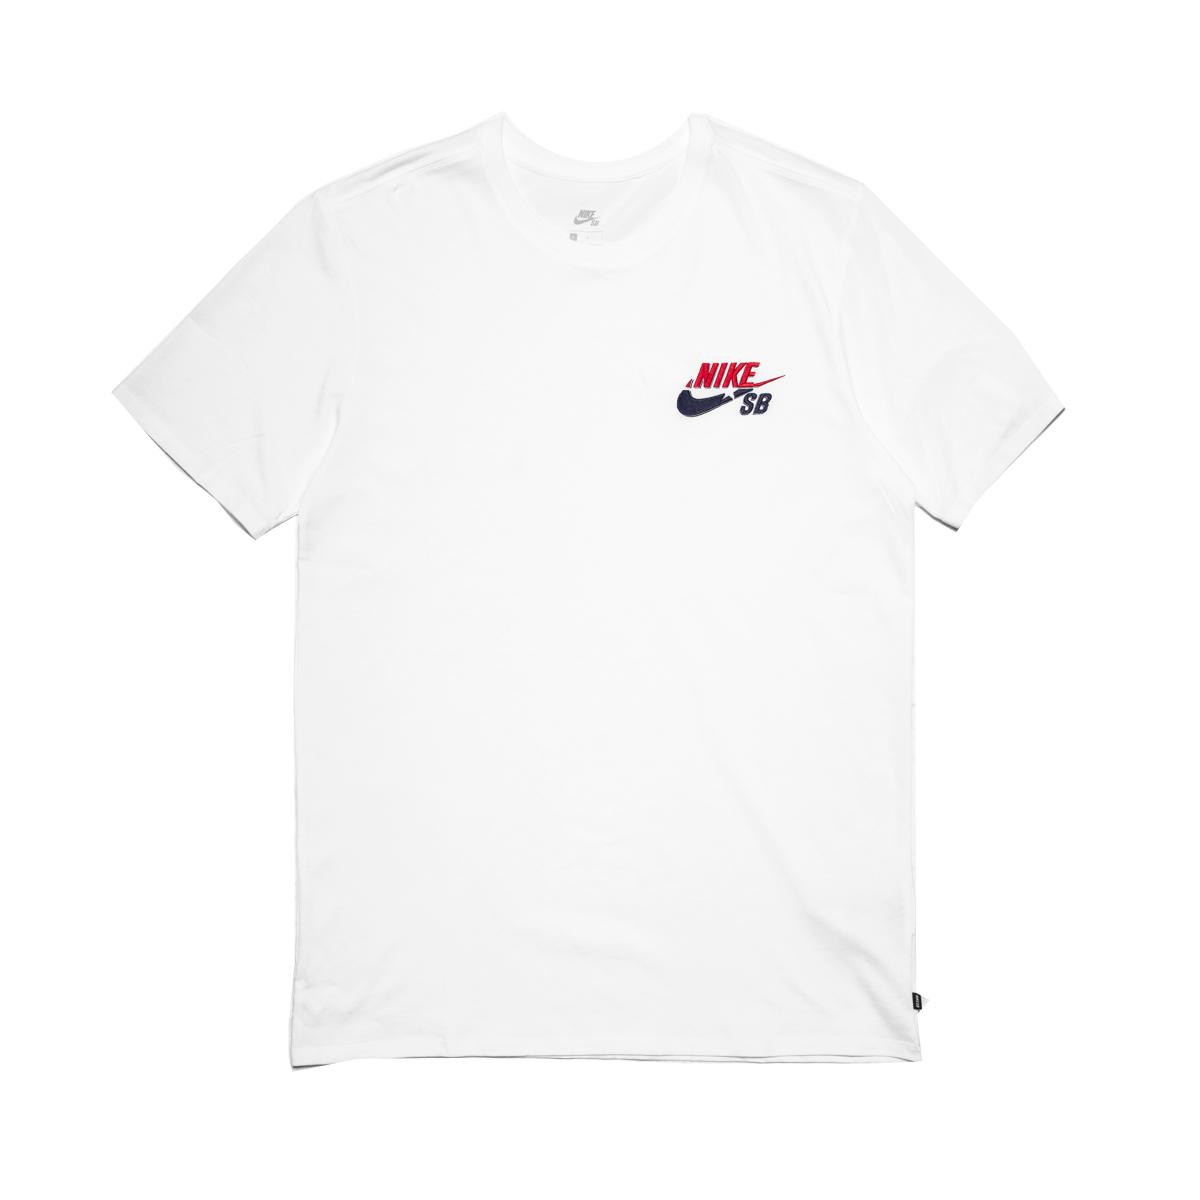 Koszulka Nike SB Futura White : Hulajnogi wyczynowe, części